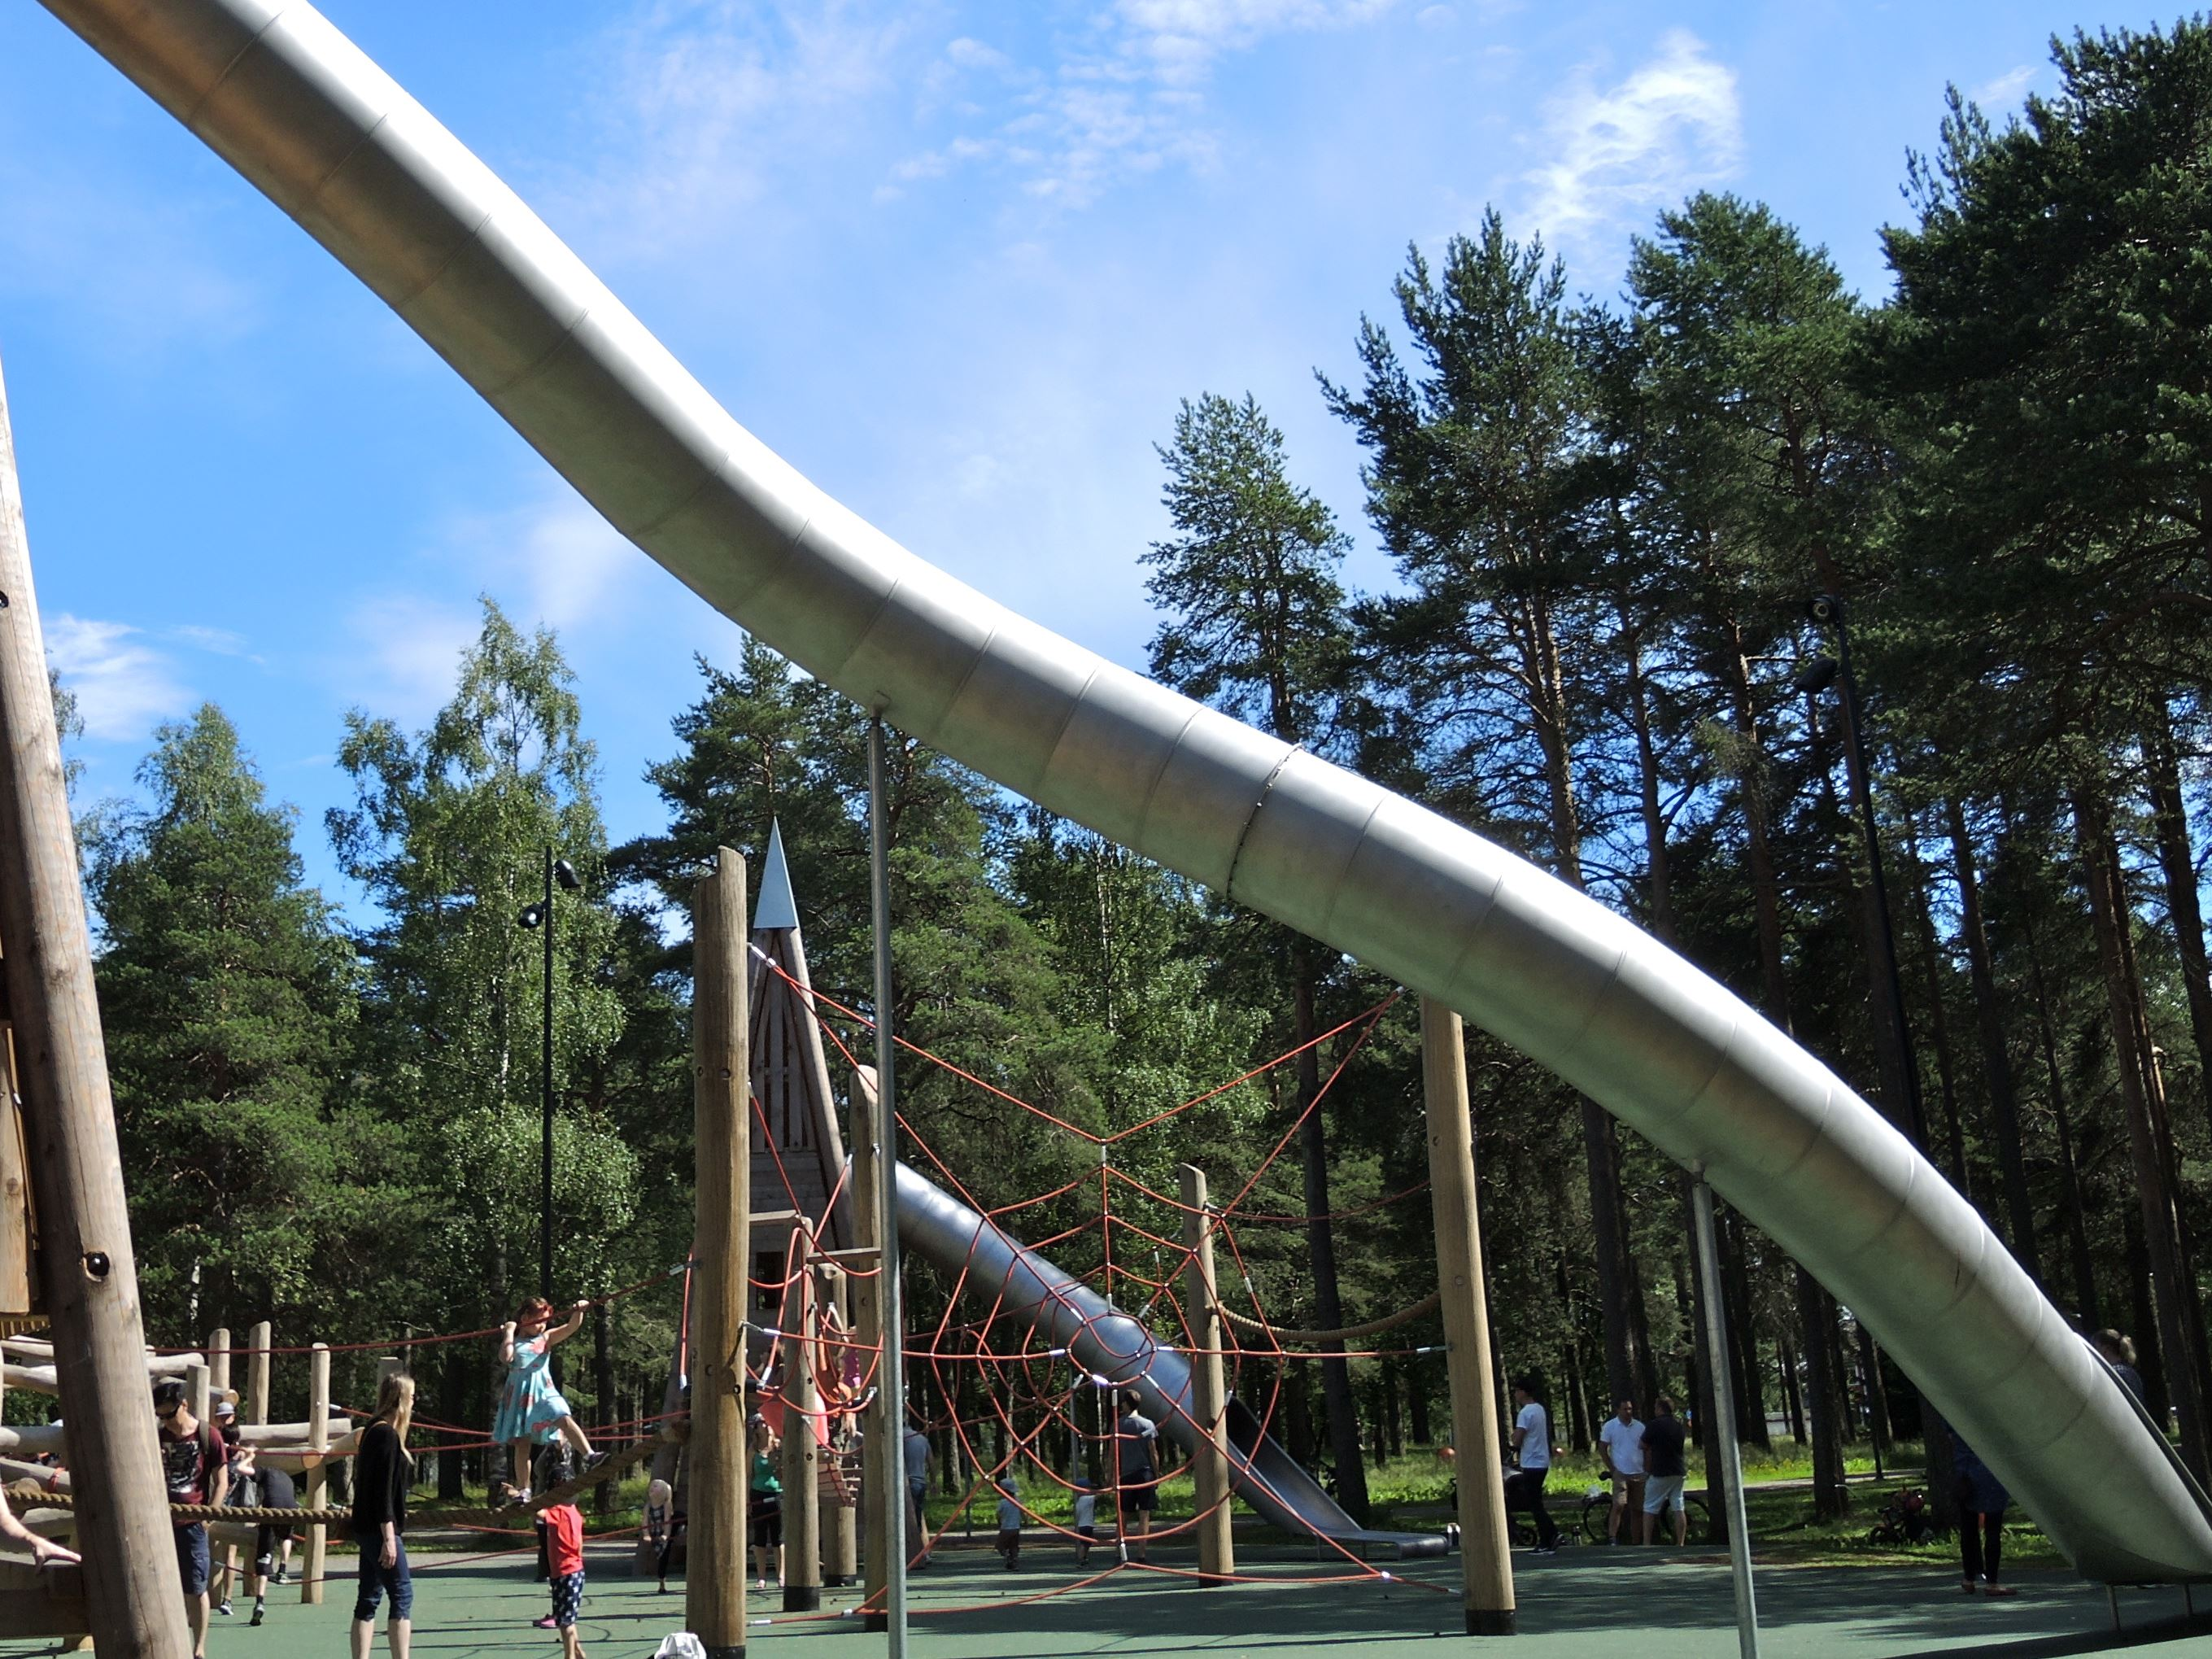 Hedlundadungen playground